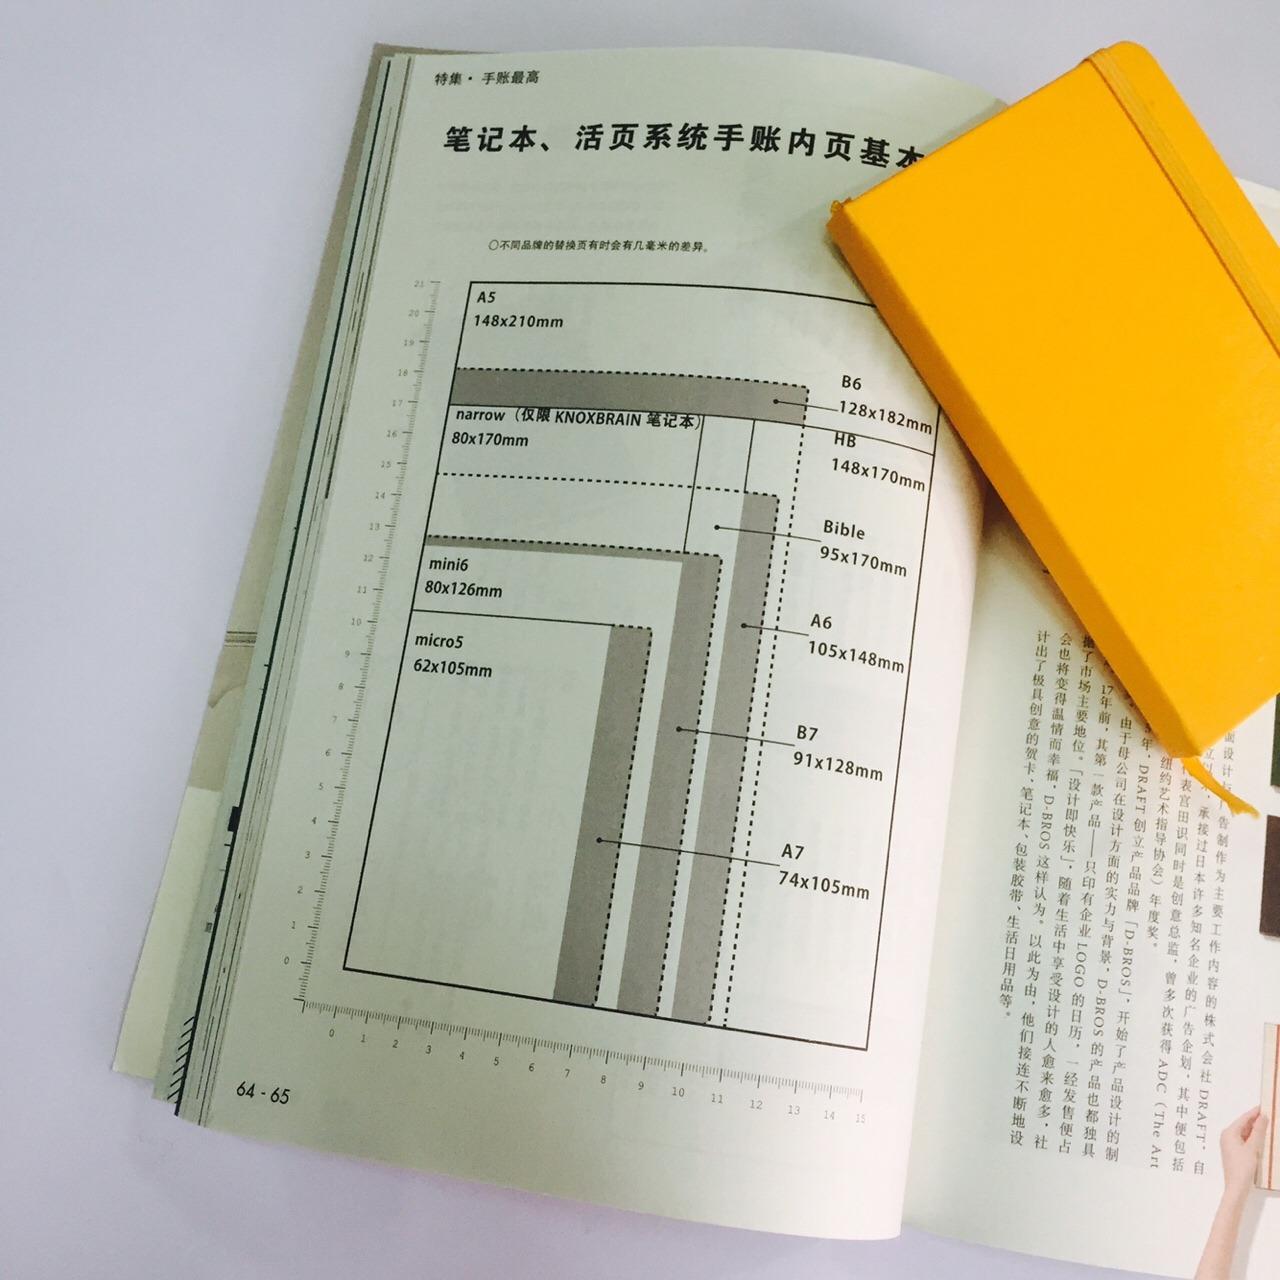 杂志,但是里面介绍了日本各种品牌手帐的代表产品